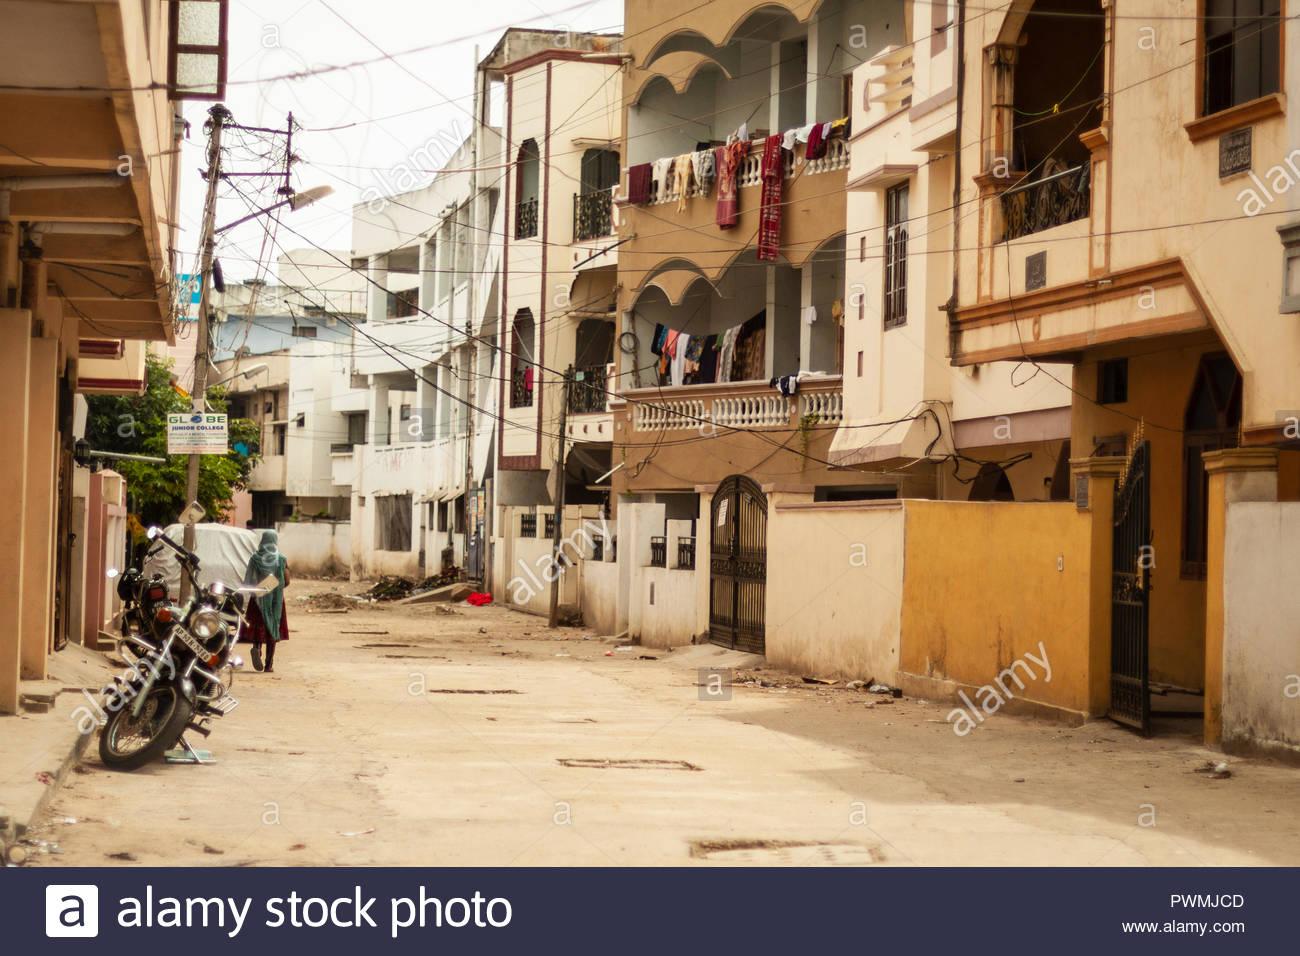 La donna cammina per strada residenziale nella città vecchia di Hyderabad, India Immagini Stock